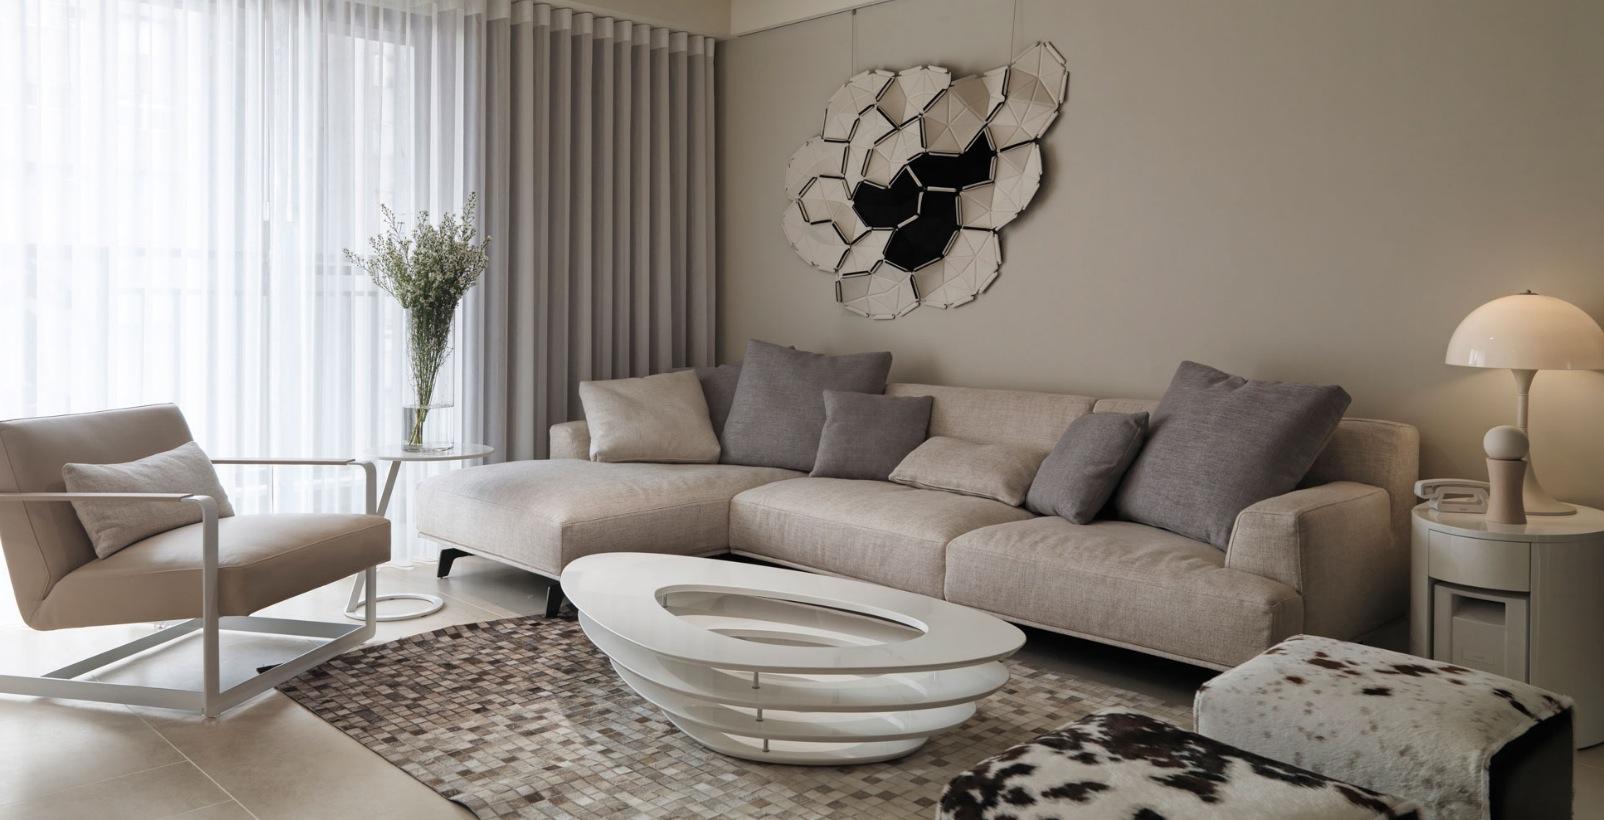 Wohnideen Wohnzimmer Grau Weiss Silber